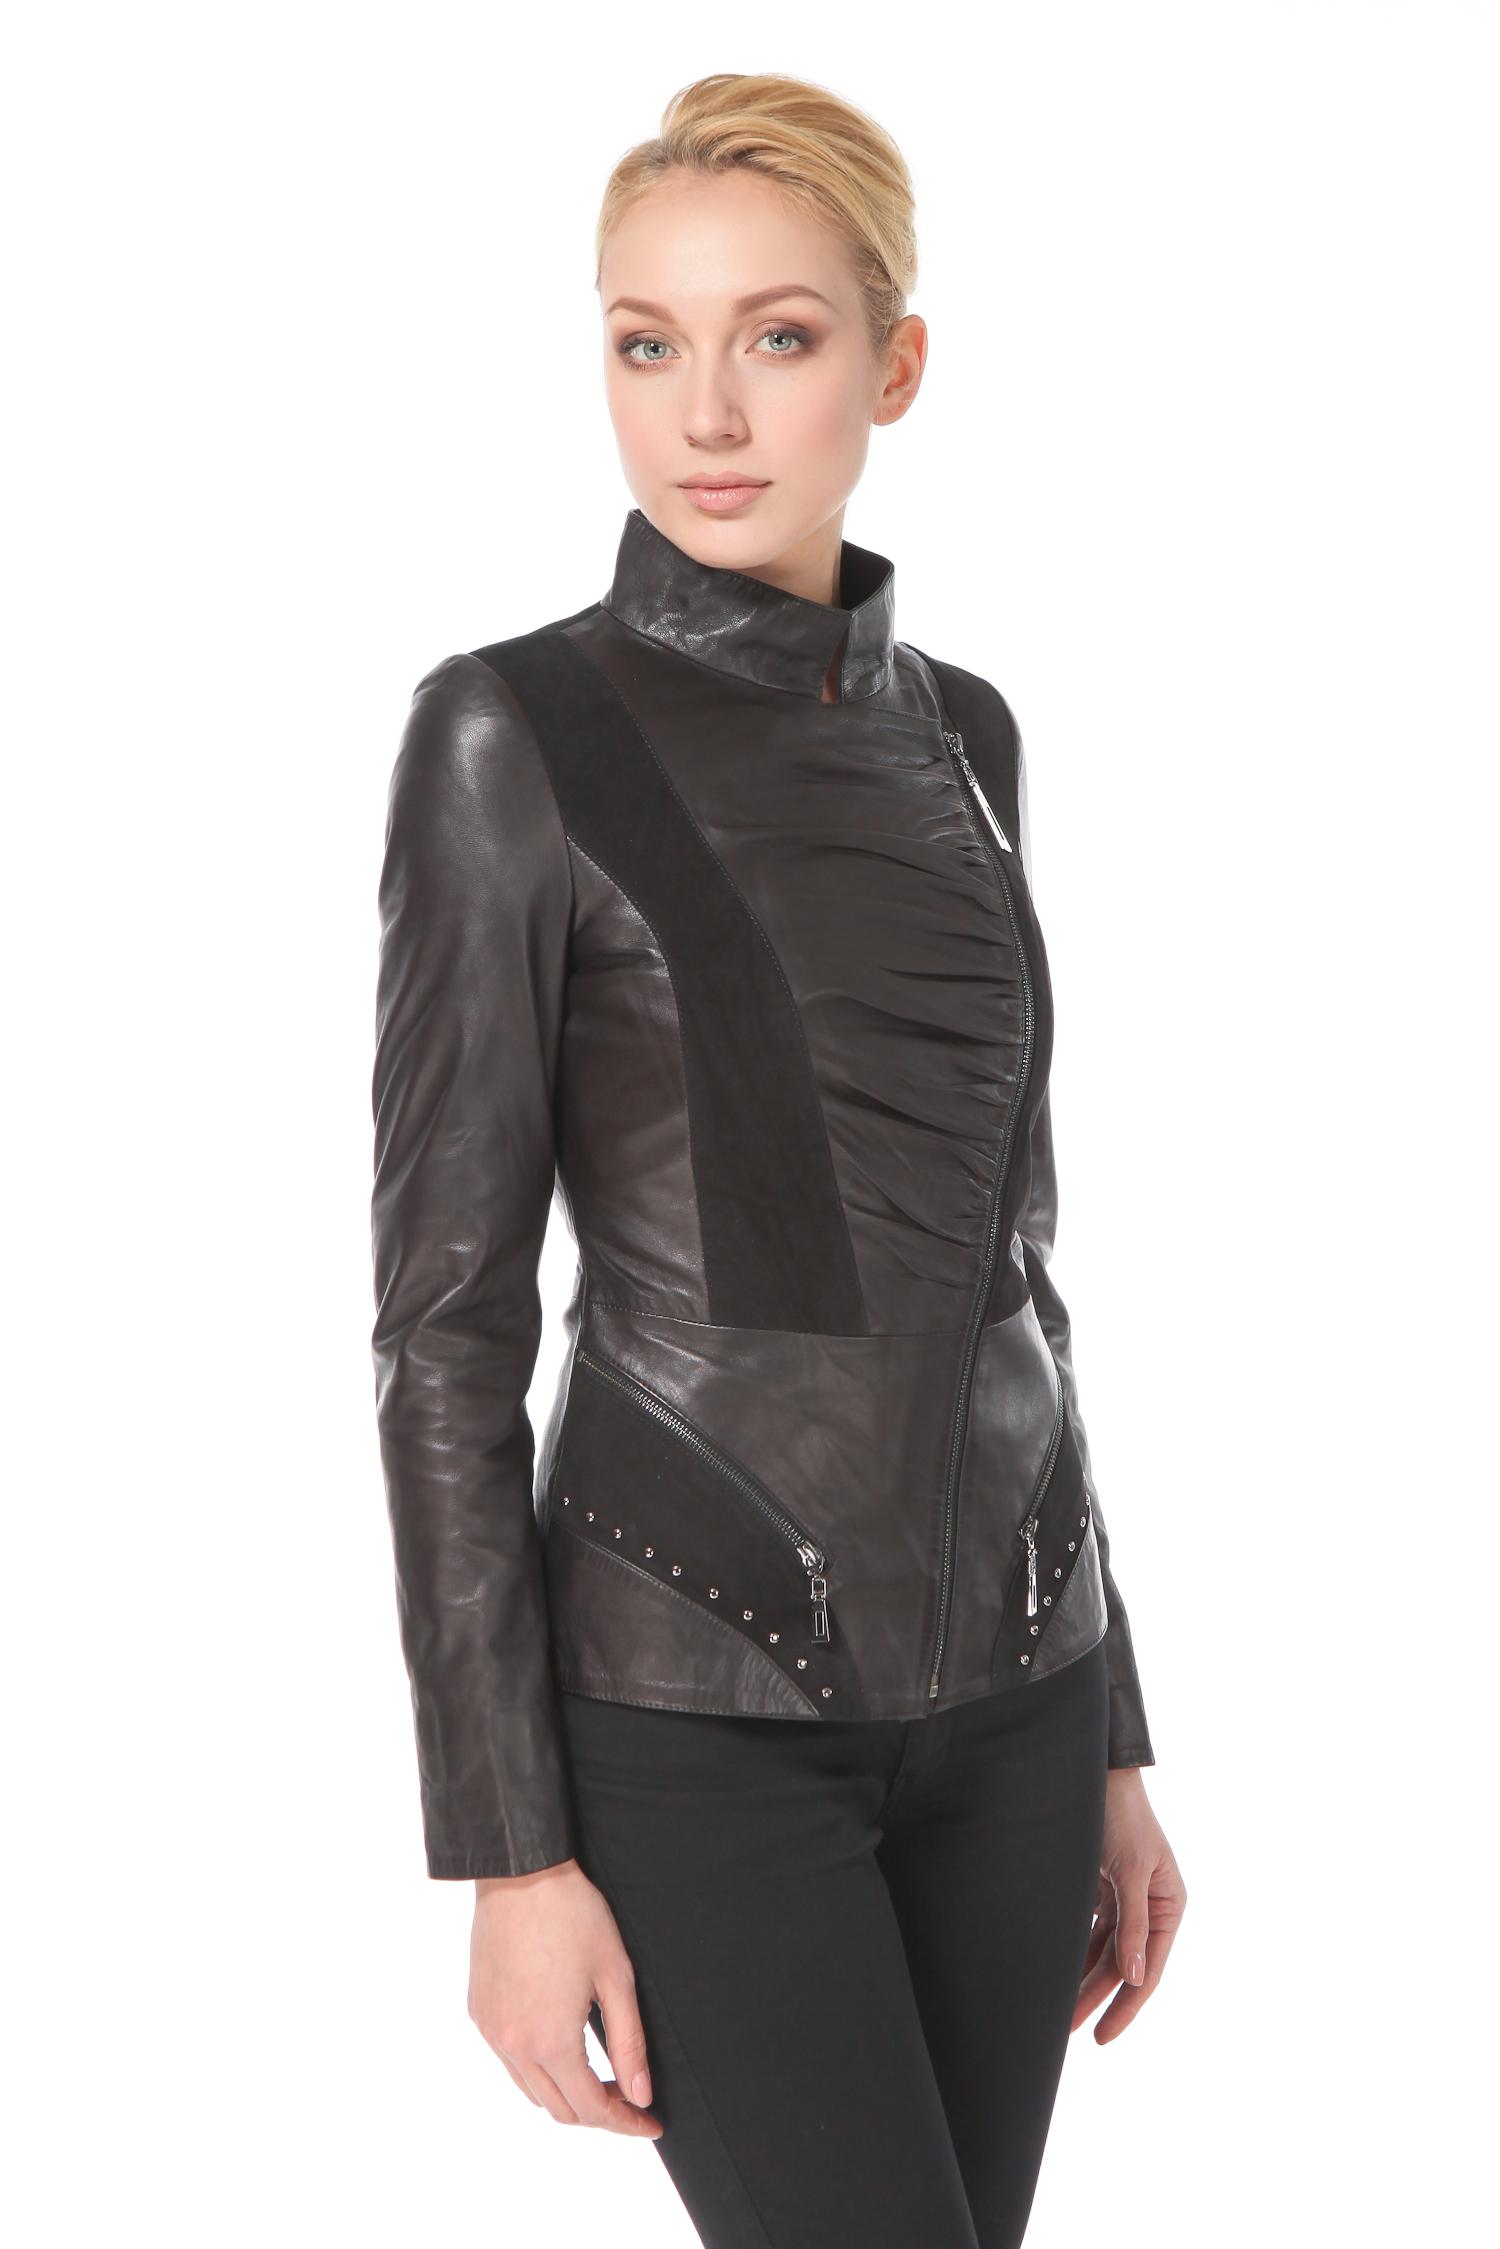 Женская кожаная куртка из натуральной кожи с воротником, отделка замша<br><br>Воротник: Стойка<br>Длина см: 60<br>Материал: Плонже/замша<br>Цвет: Черный<br>Пол: Женский